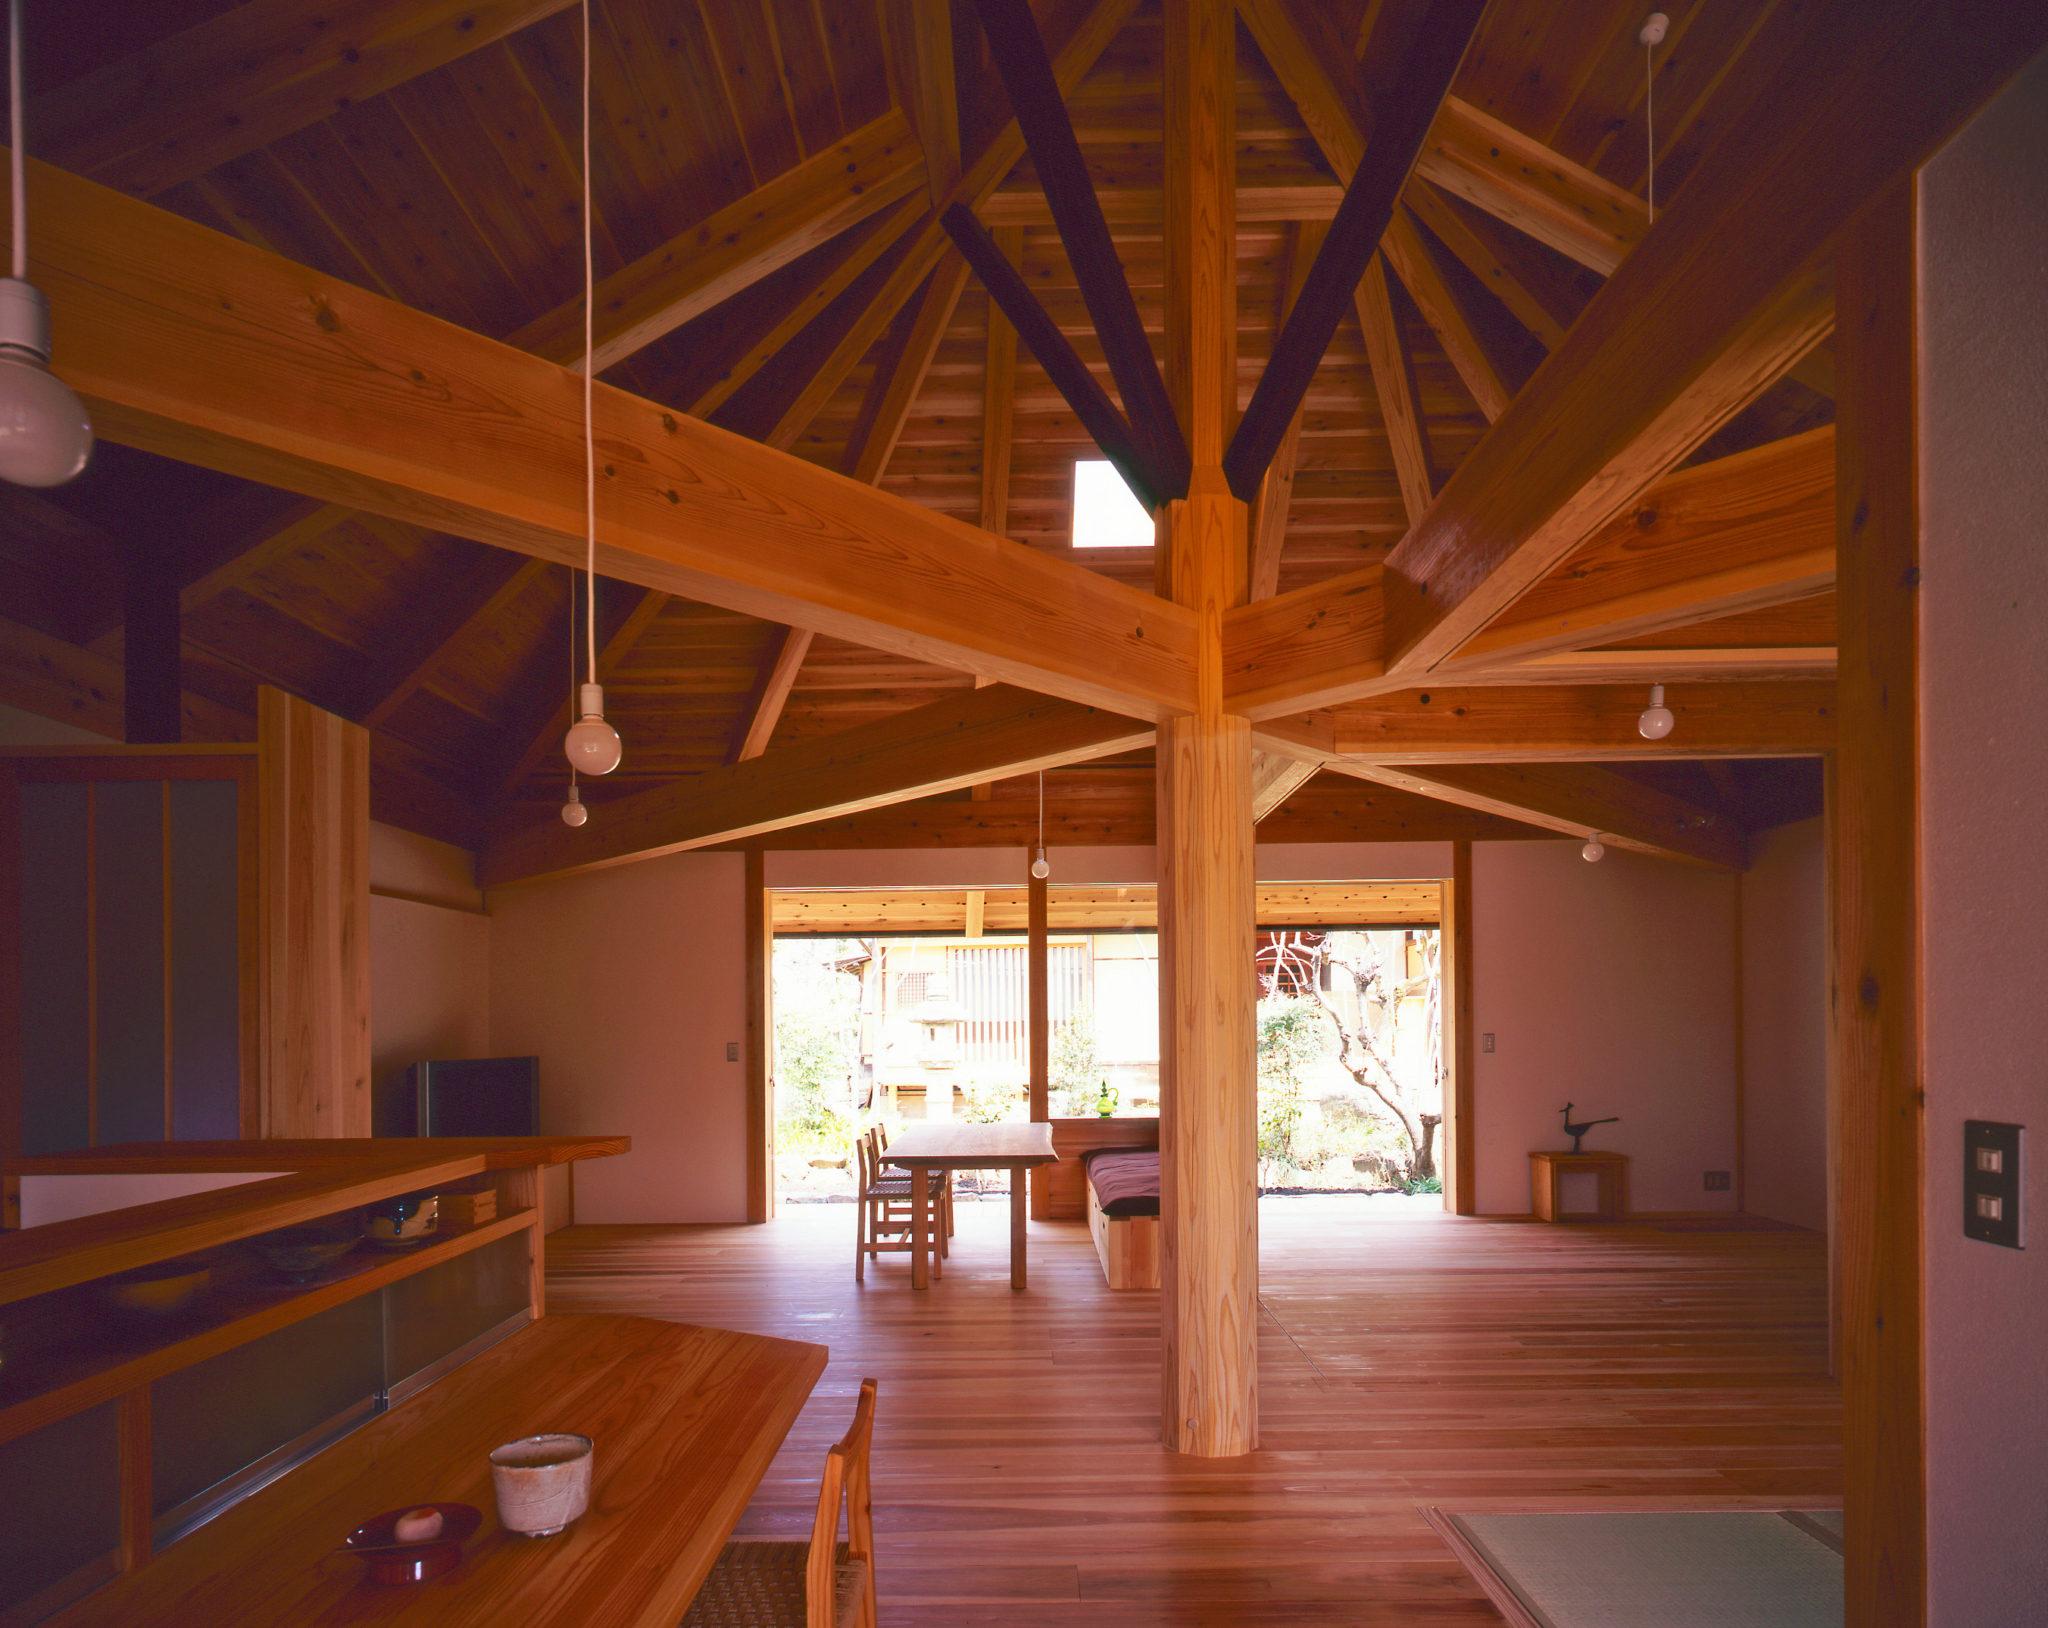 Ms建築設計事務所三澤文子設計の傘の家のキッチンからの景色